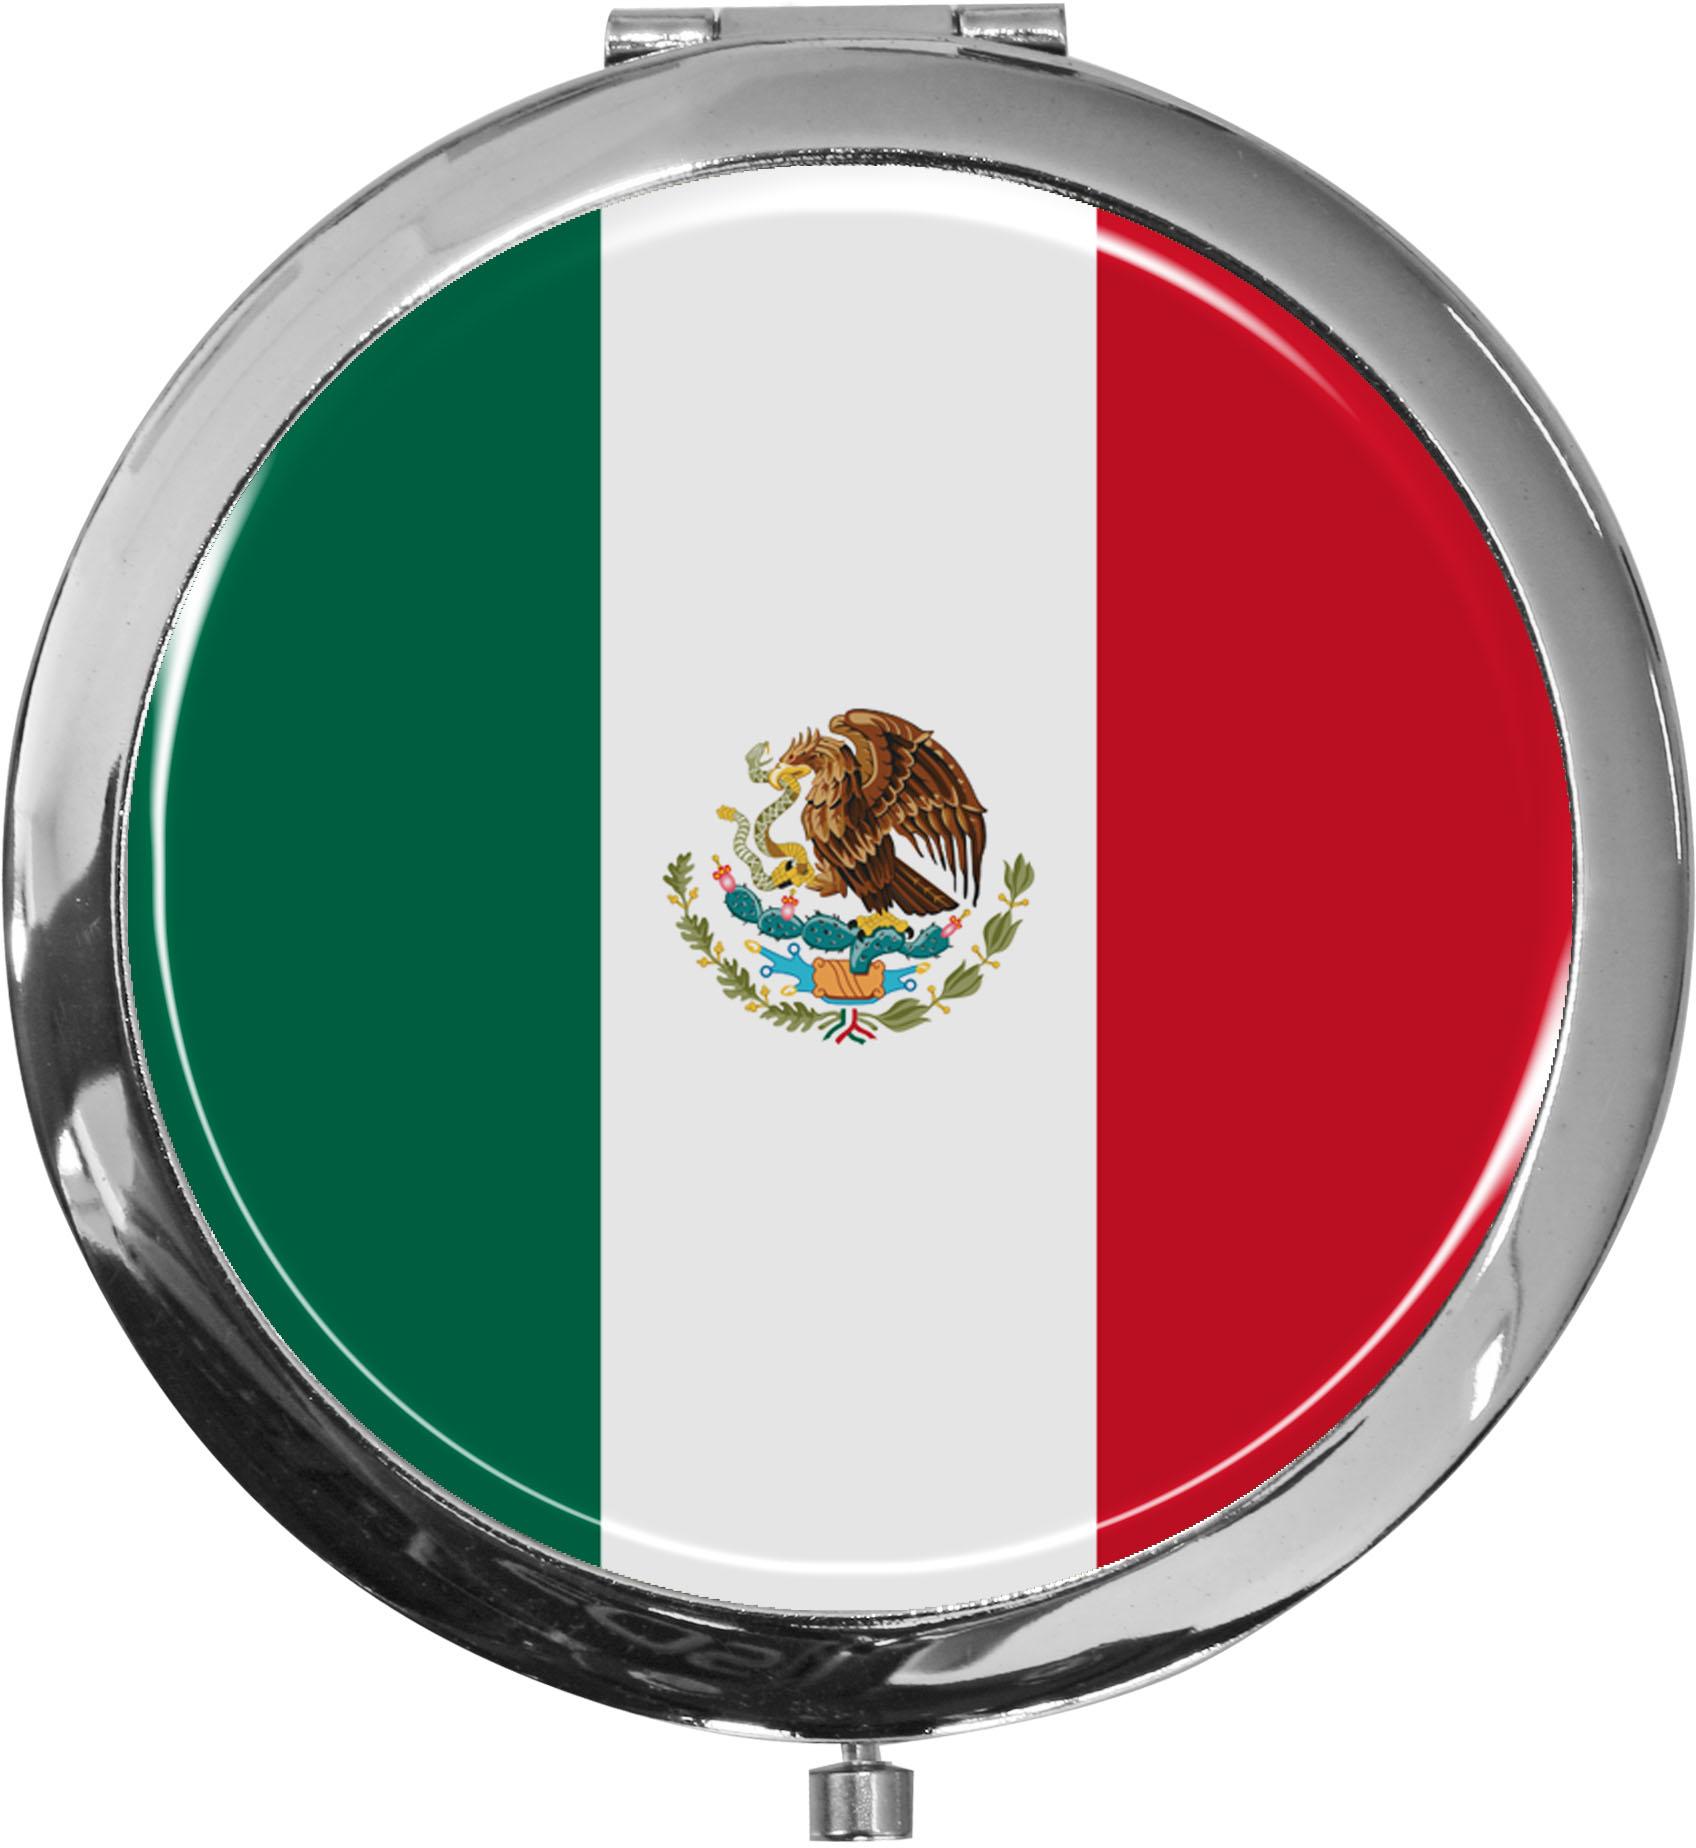 Taschenspiegel / Spiegel / Flagge Mexiko / 2 fache Vergrößerung